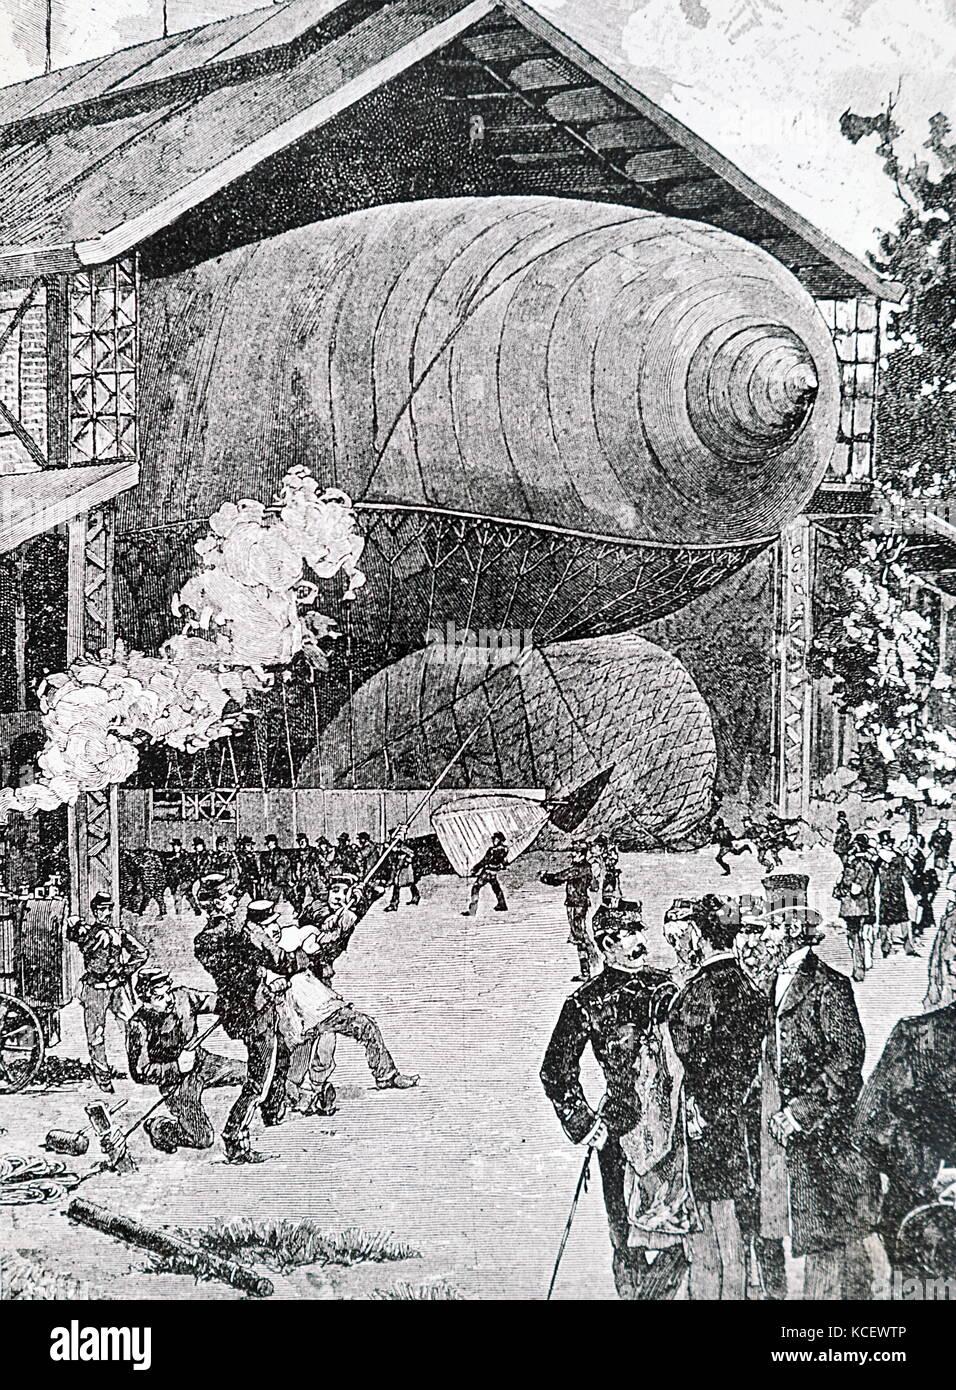 """Gravur, die das Luftschiff """"la France"""" in seiner Aufhängung. Vom 20. Stockbild"""